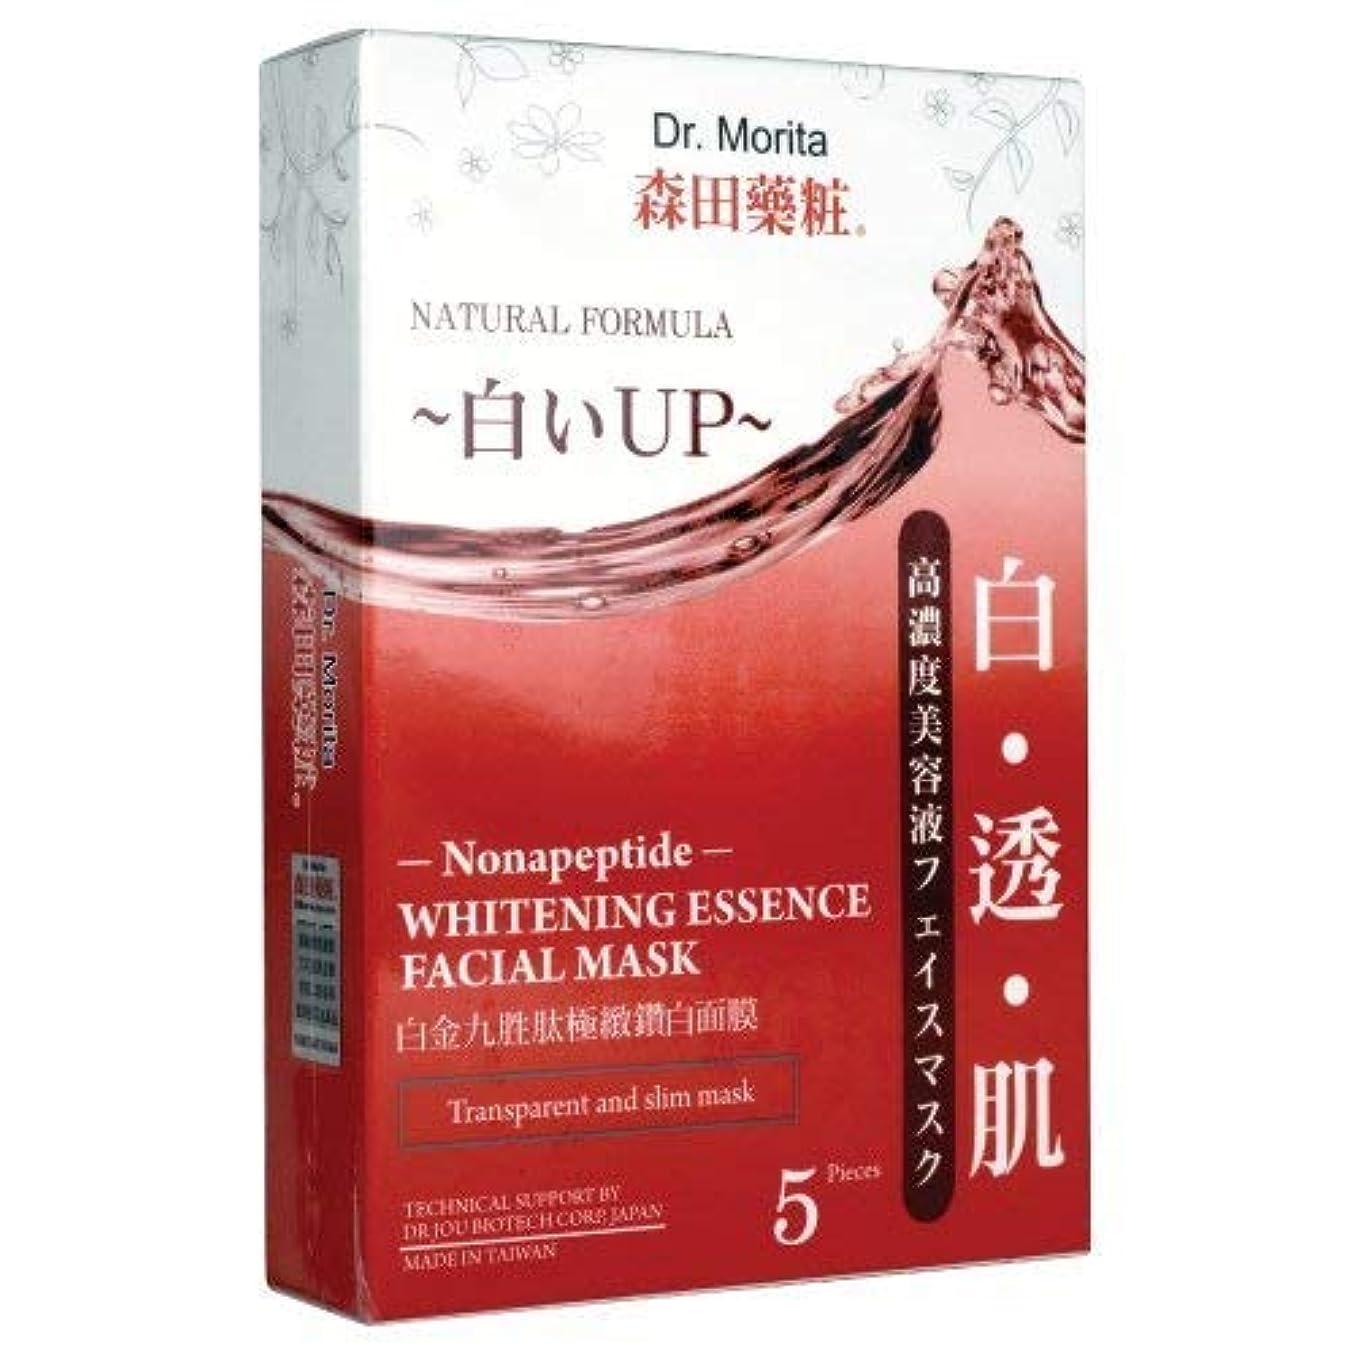 離婚状態スーパーマーケットDoctor Morita 皮膚はしなやかでしっとりするようにナノペプチドは、マスク5皮膚とのバランス肌の水分レベルをホワイトニング。